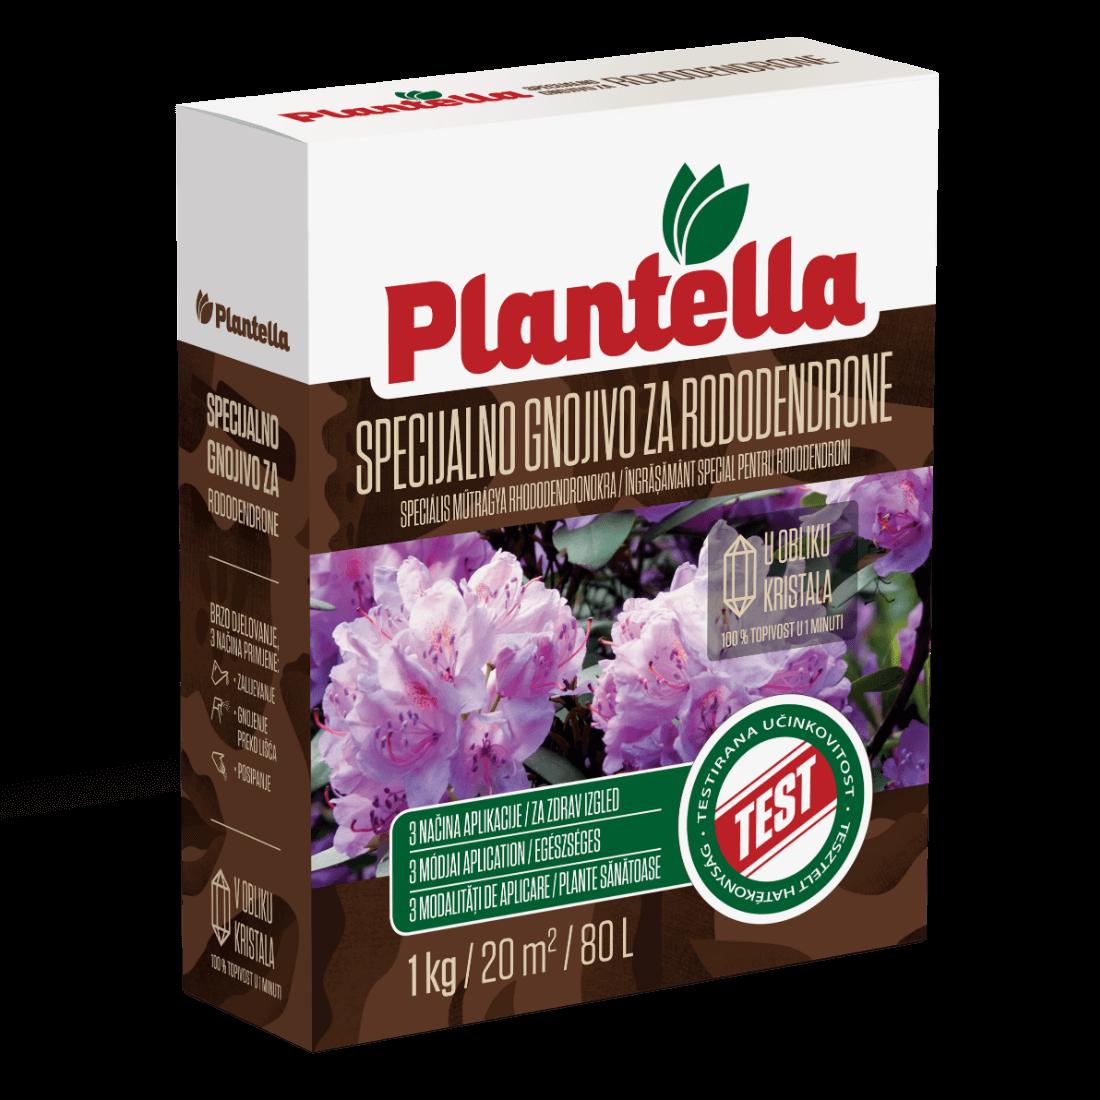 Plantella_Specialno-gnojilo-rododendroni_1kg_SI-HU-RO